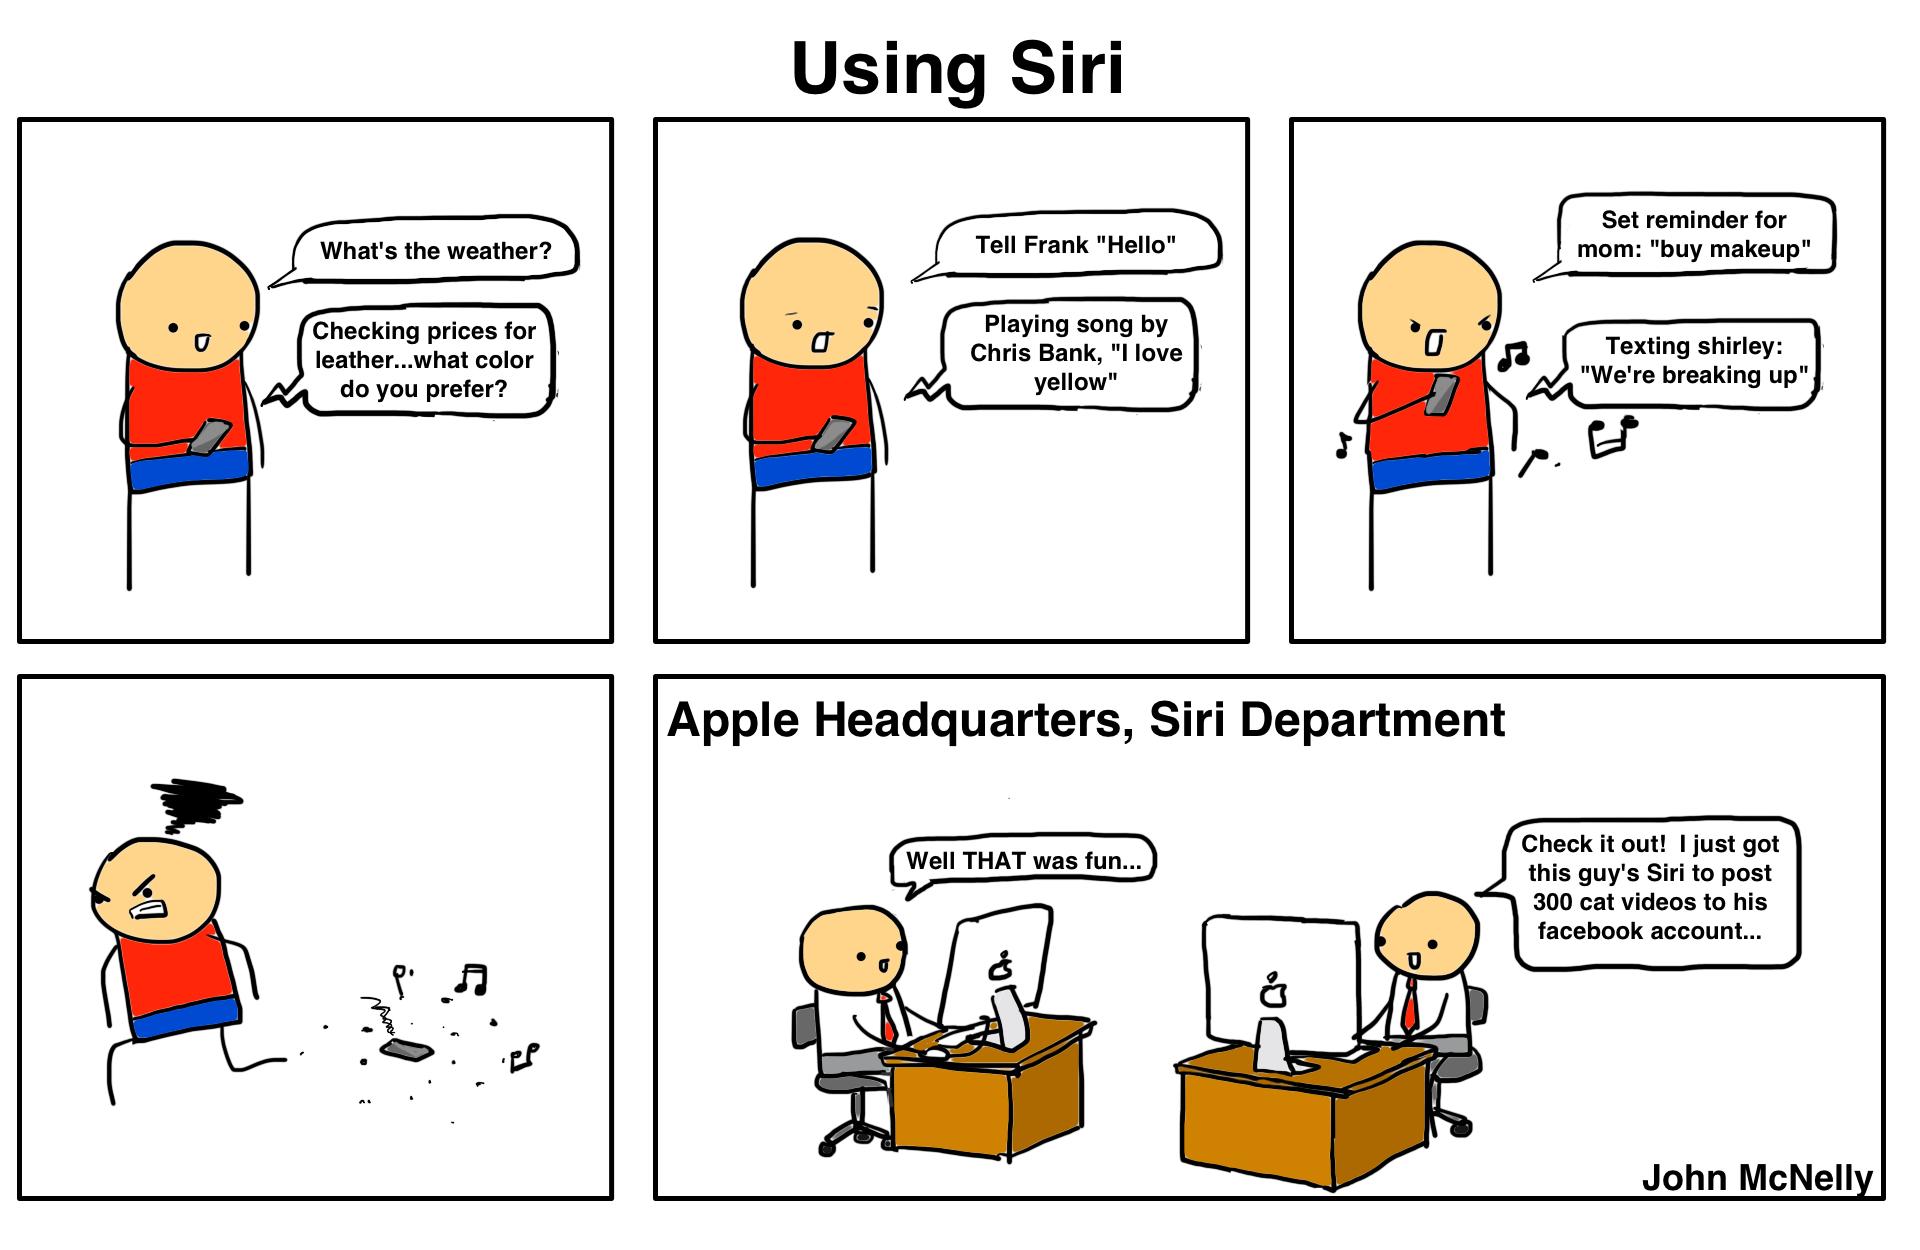 Using Siri